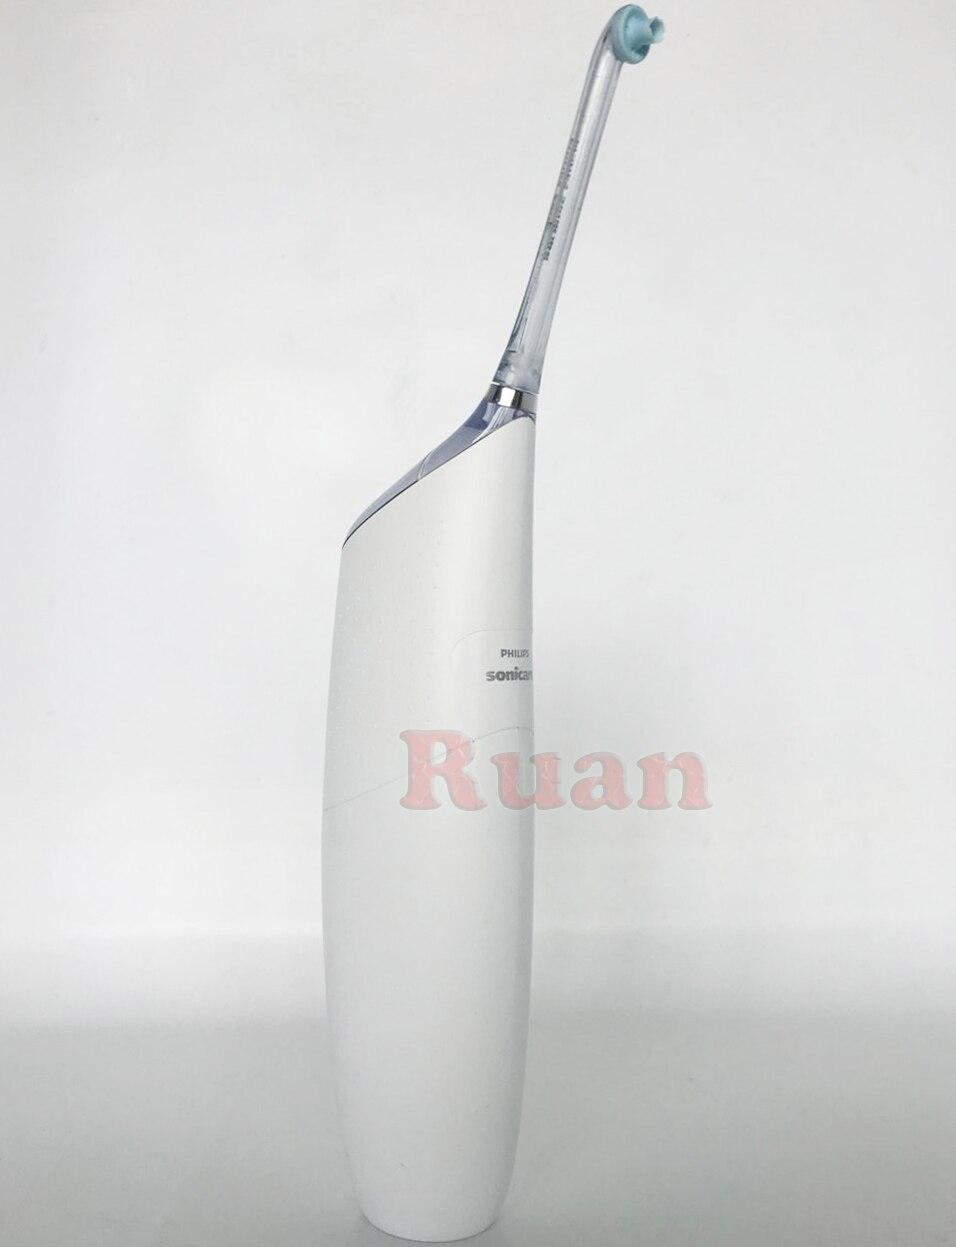 NEW For Philips Sonicare Air Floss Flosser PRO HX8331 11 HX8341 HX8381 HX8332 01 HX8340 Handle